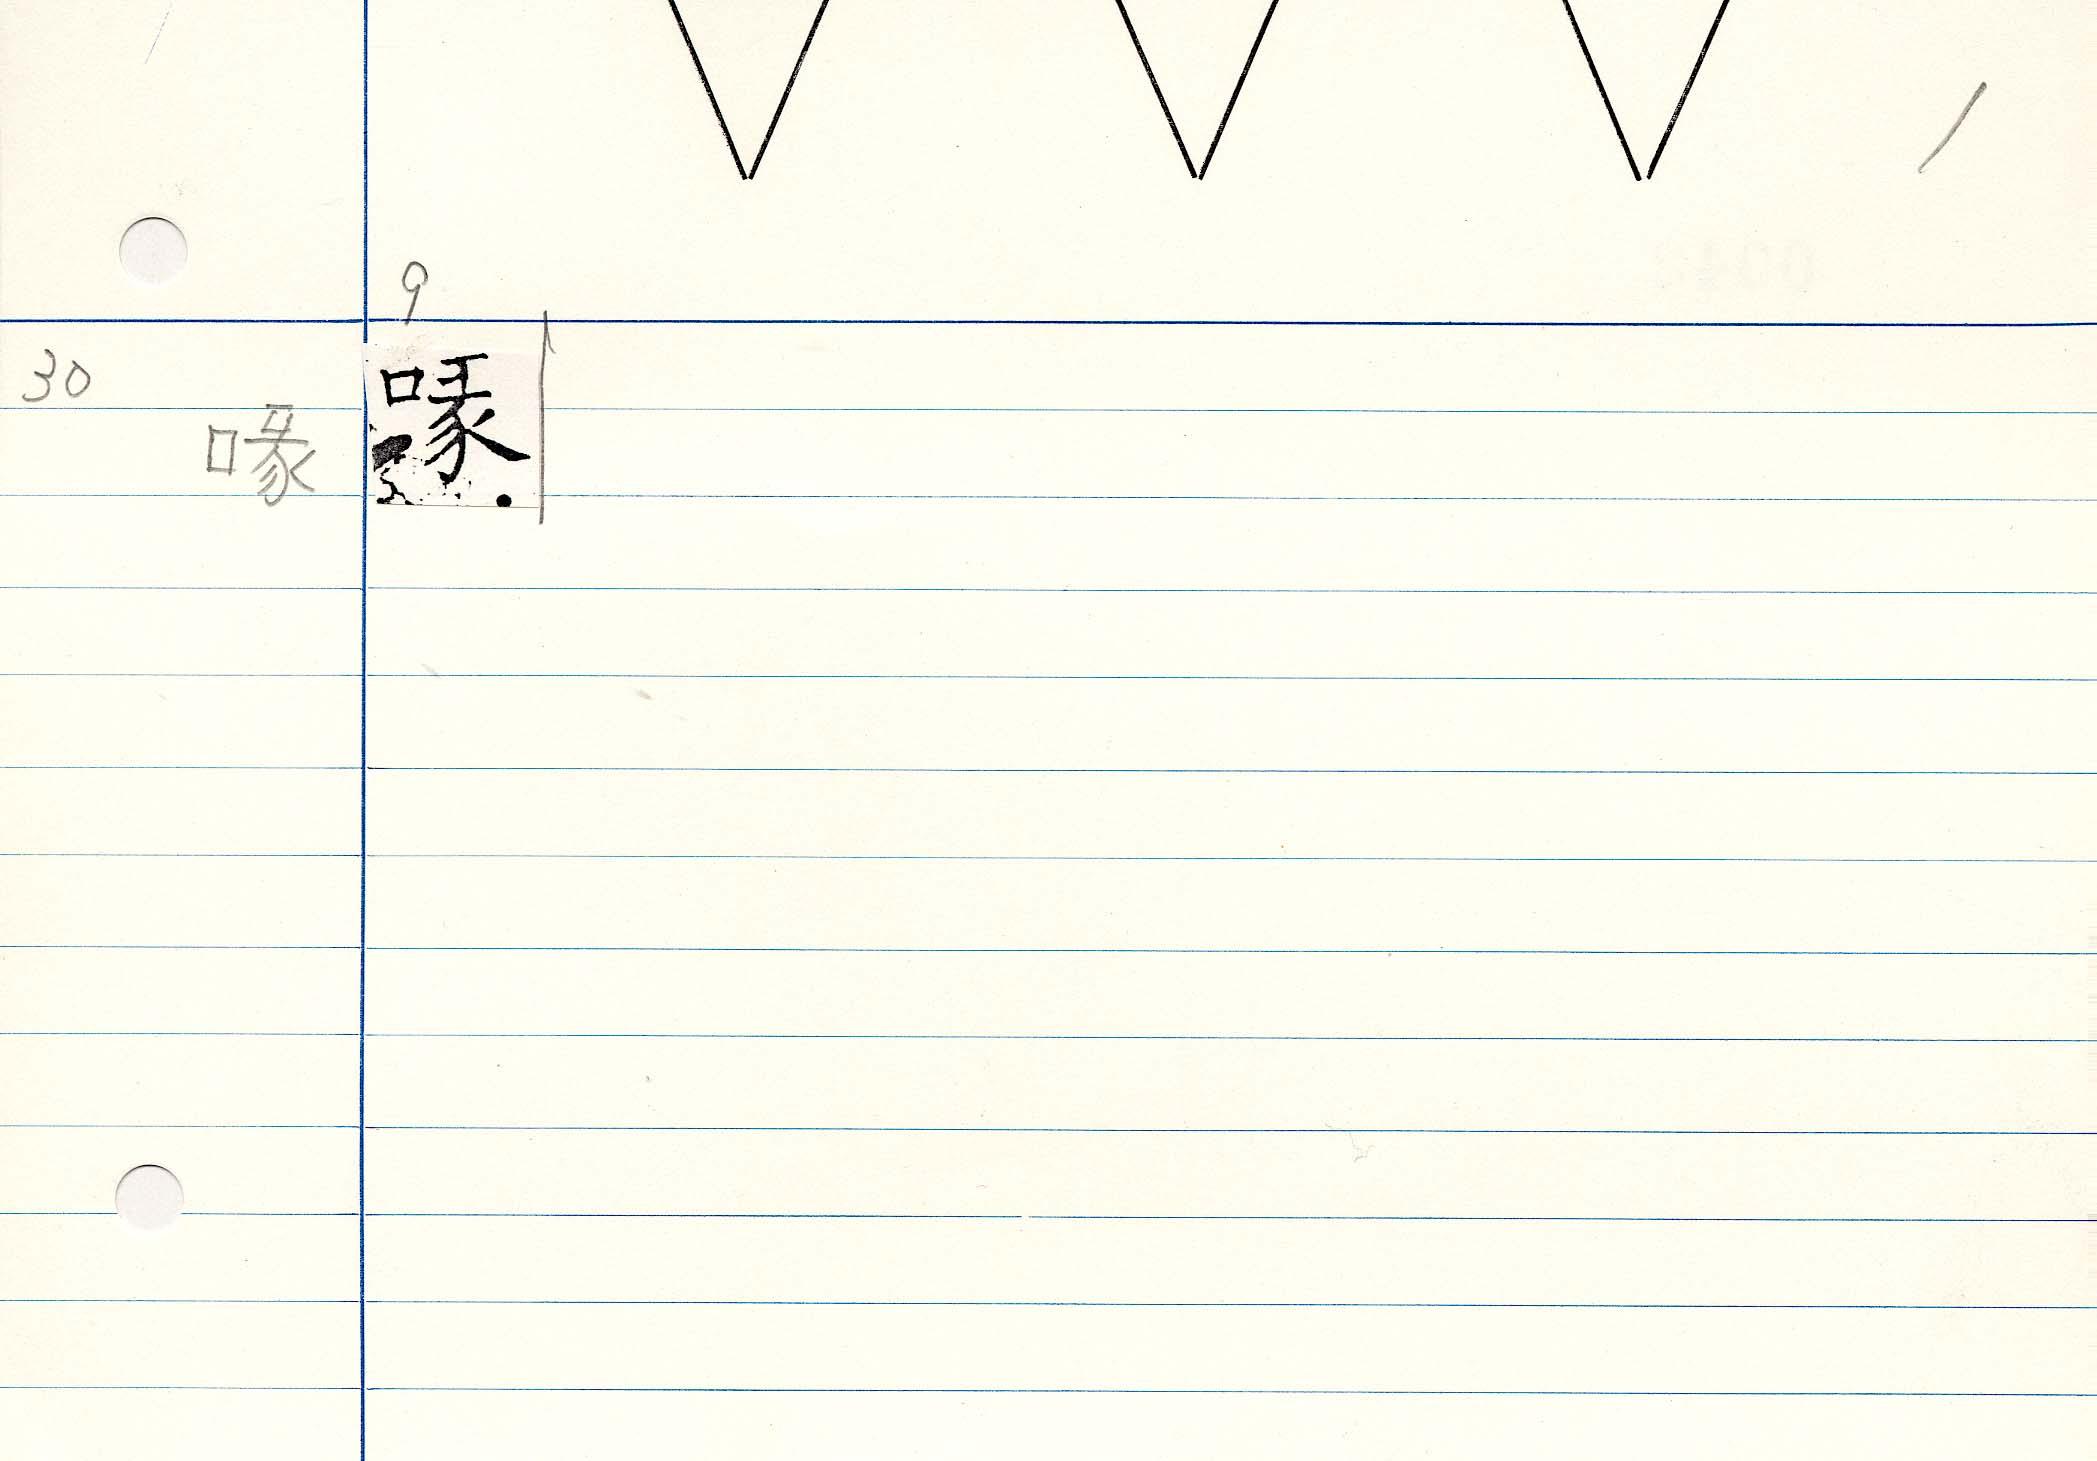 19_開成石經周易/cards/0042.jpg